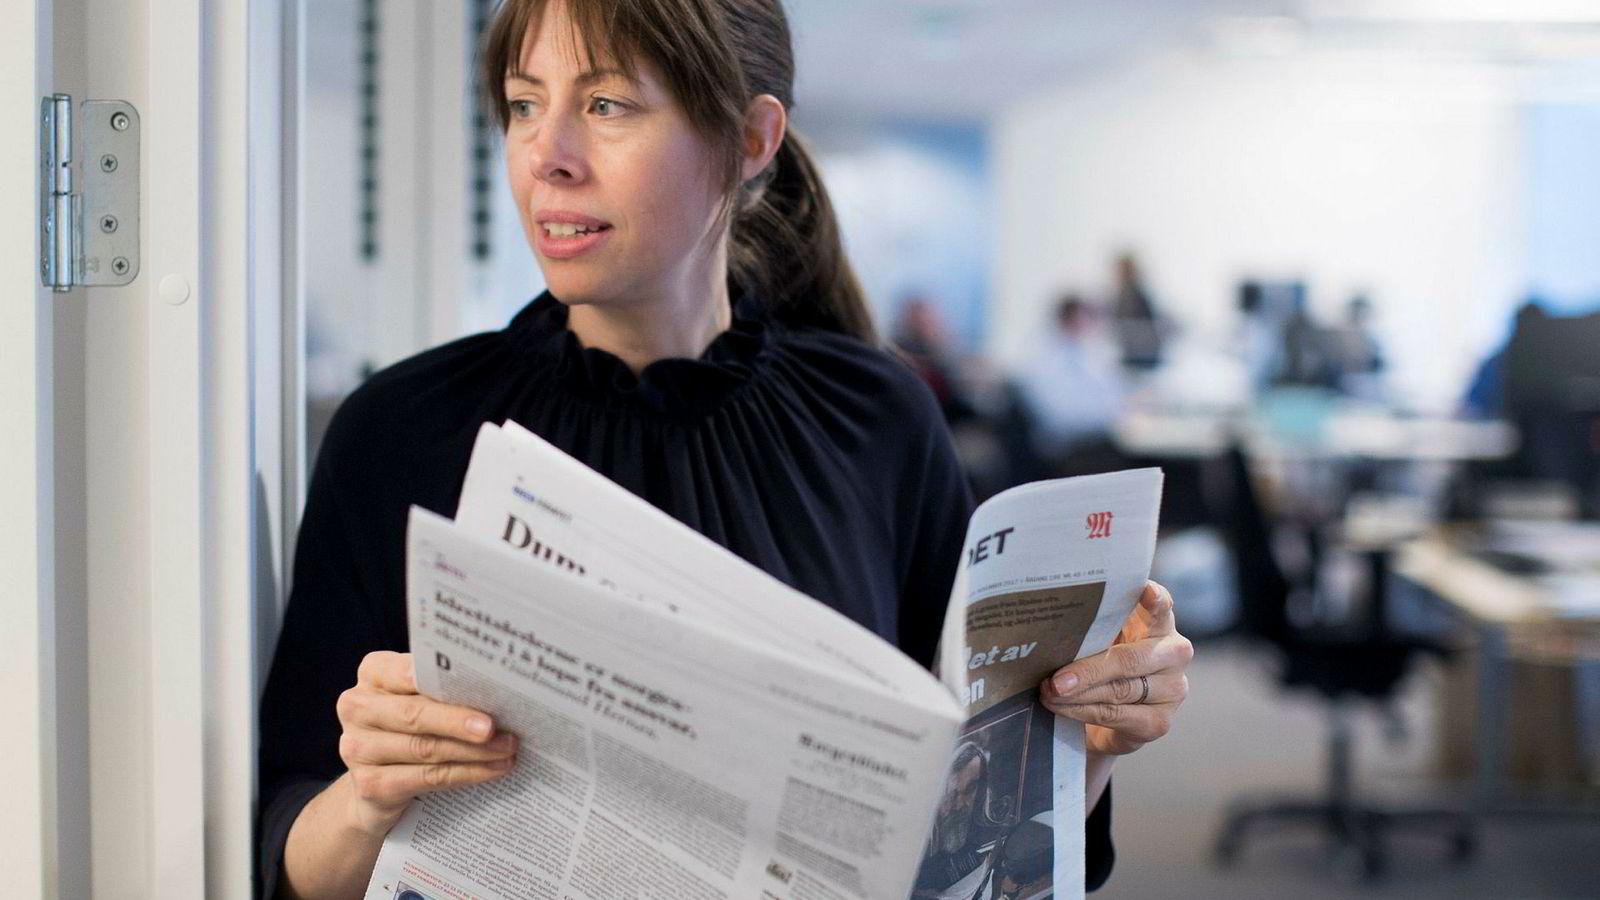 Det var Morgenbladet som tok prosjektet «Hele Norge snakker» fra Tyskland til Norge. Her er ansvarlig redaktør i avisen, Anna B. Jenssen